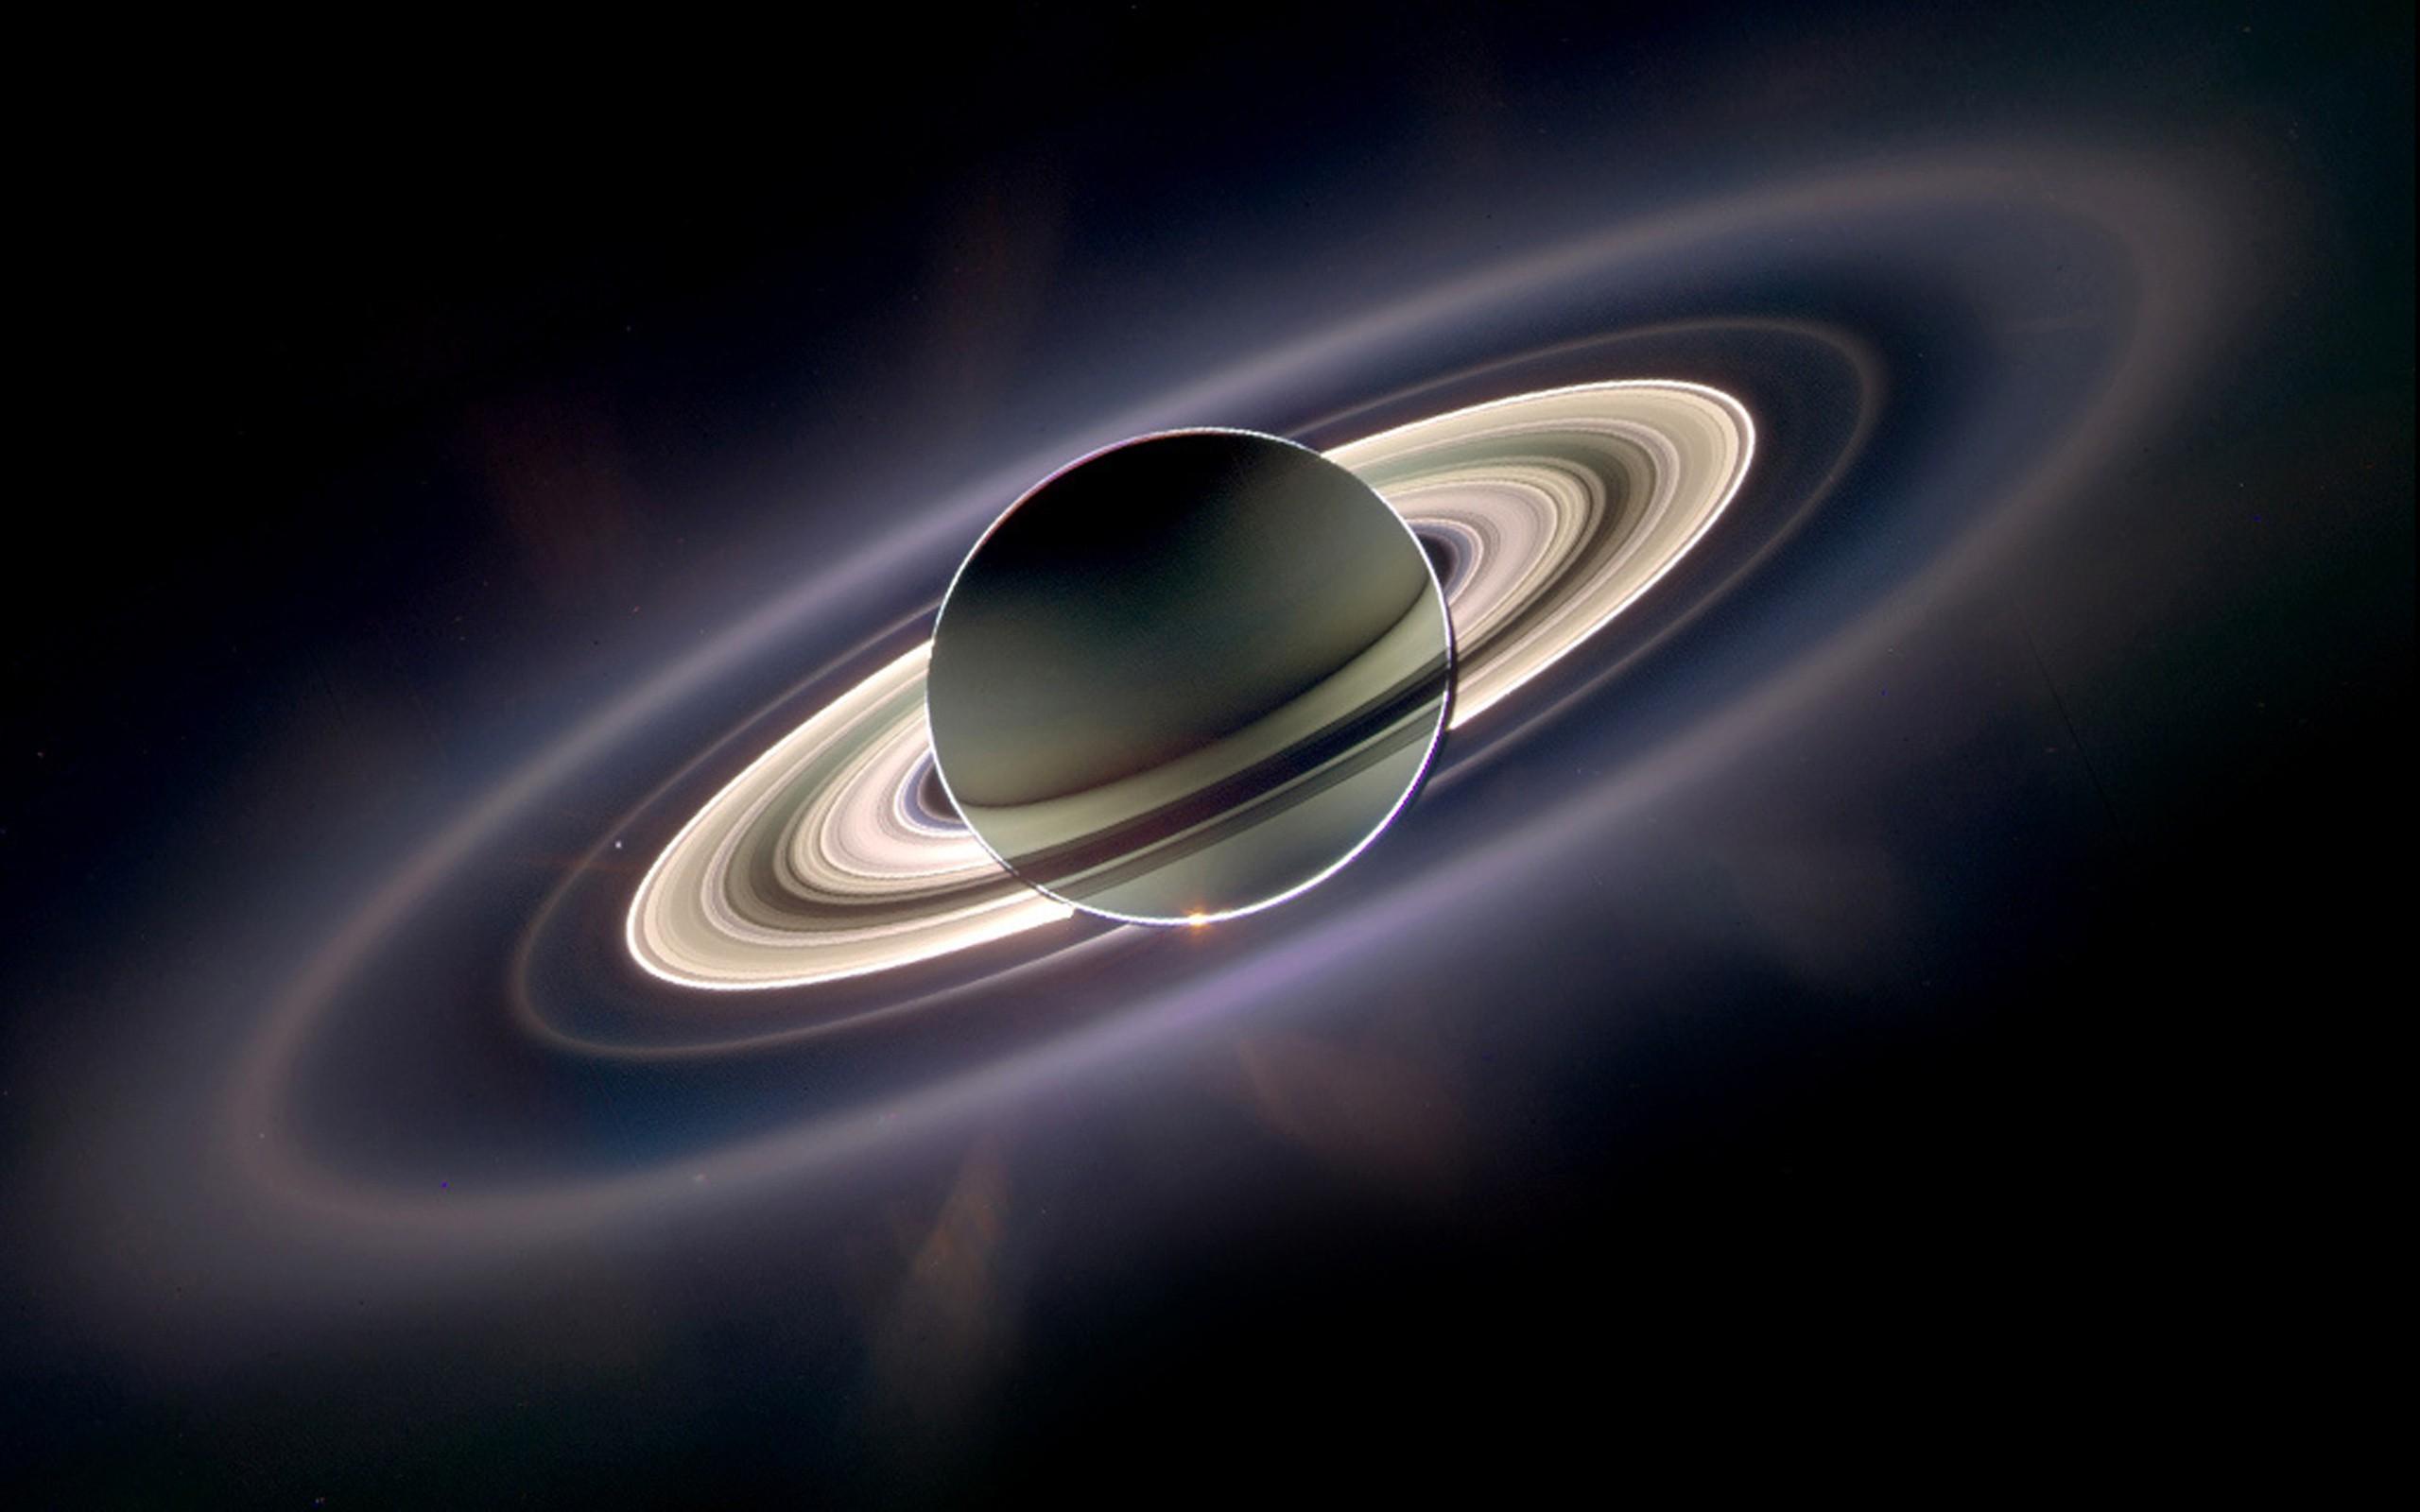 planet saturn rings - HD1024×768